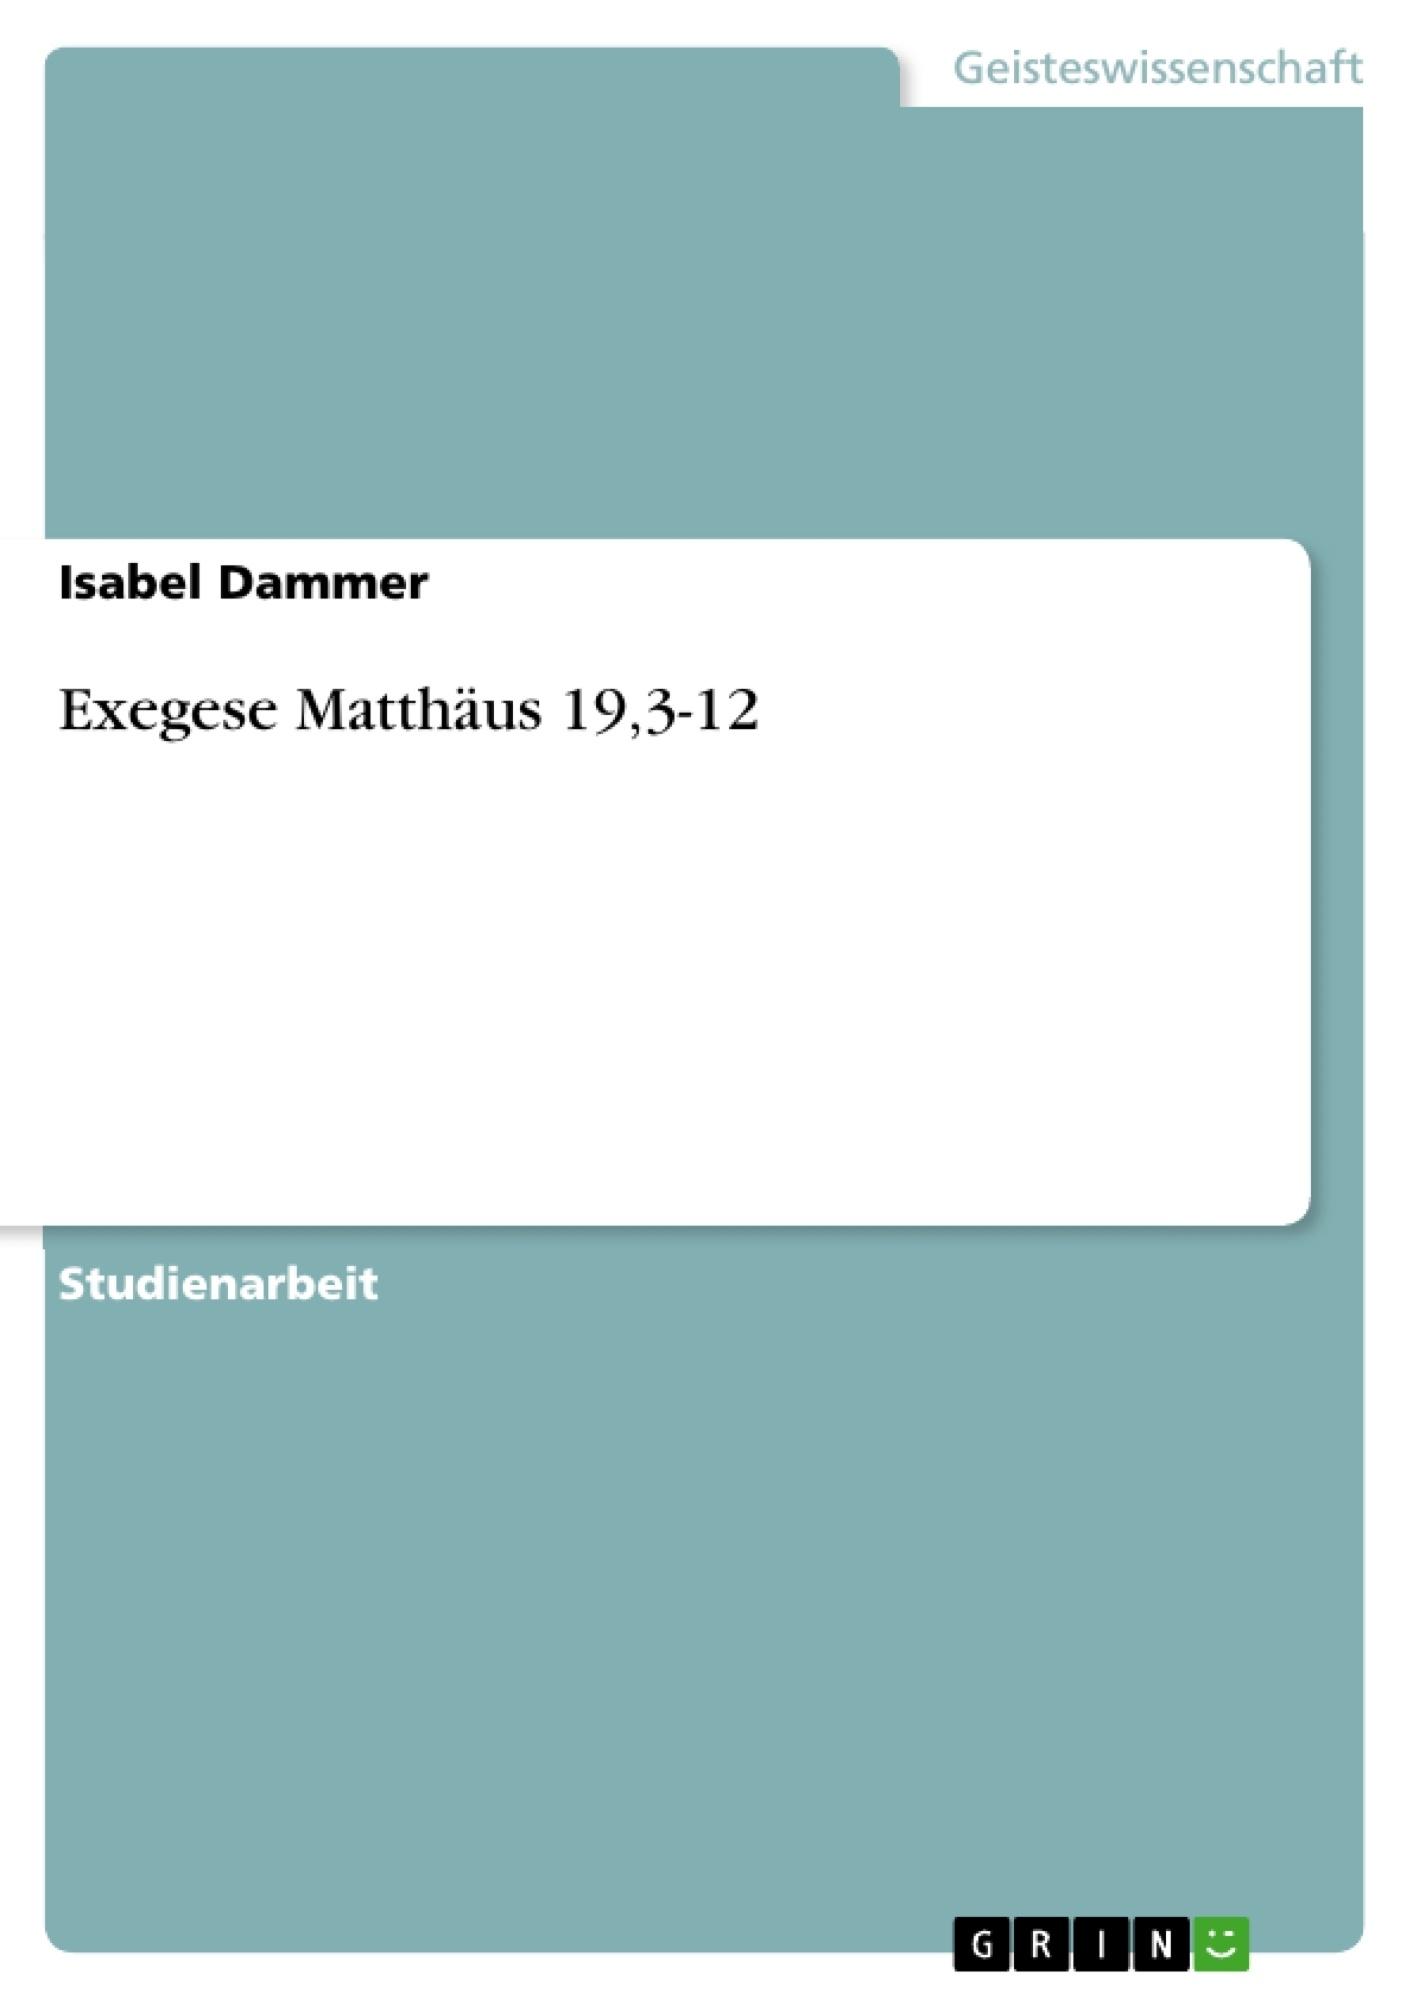 Titel: Exegese Matthäus 19,3-12